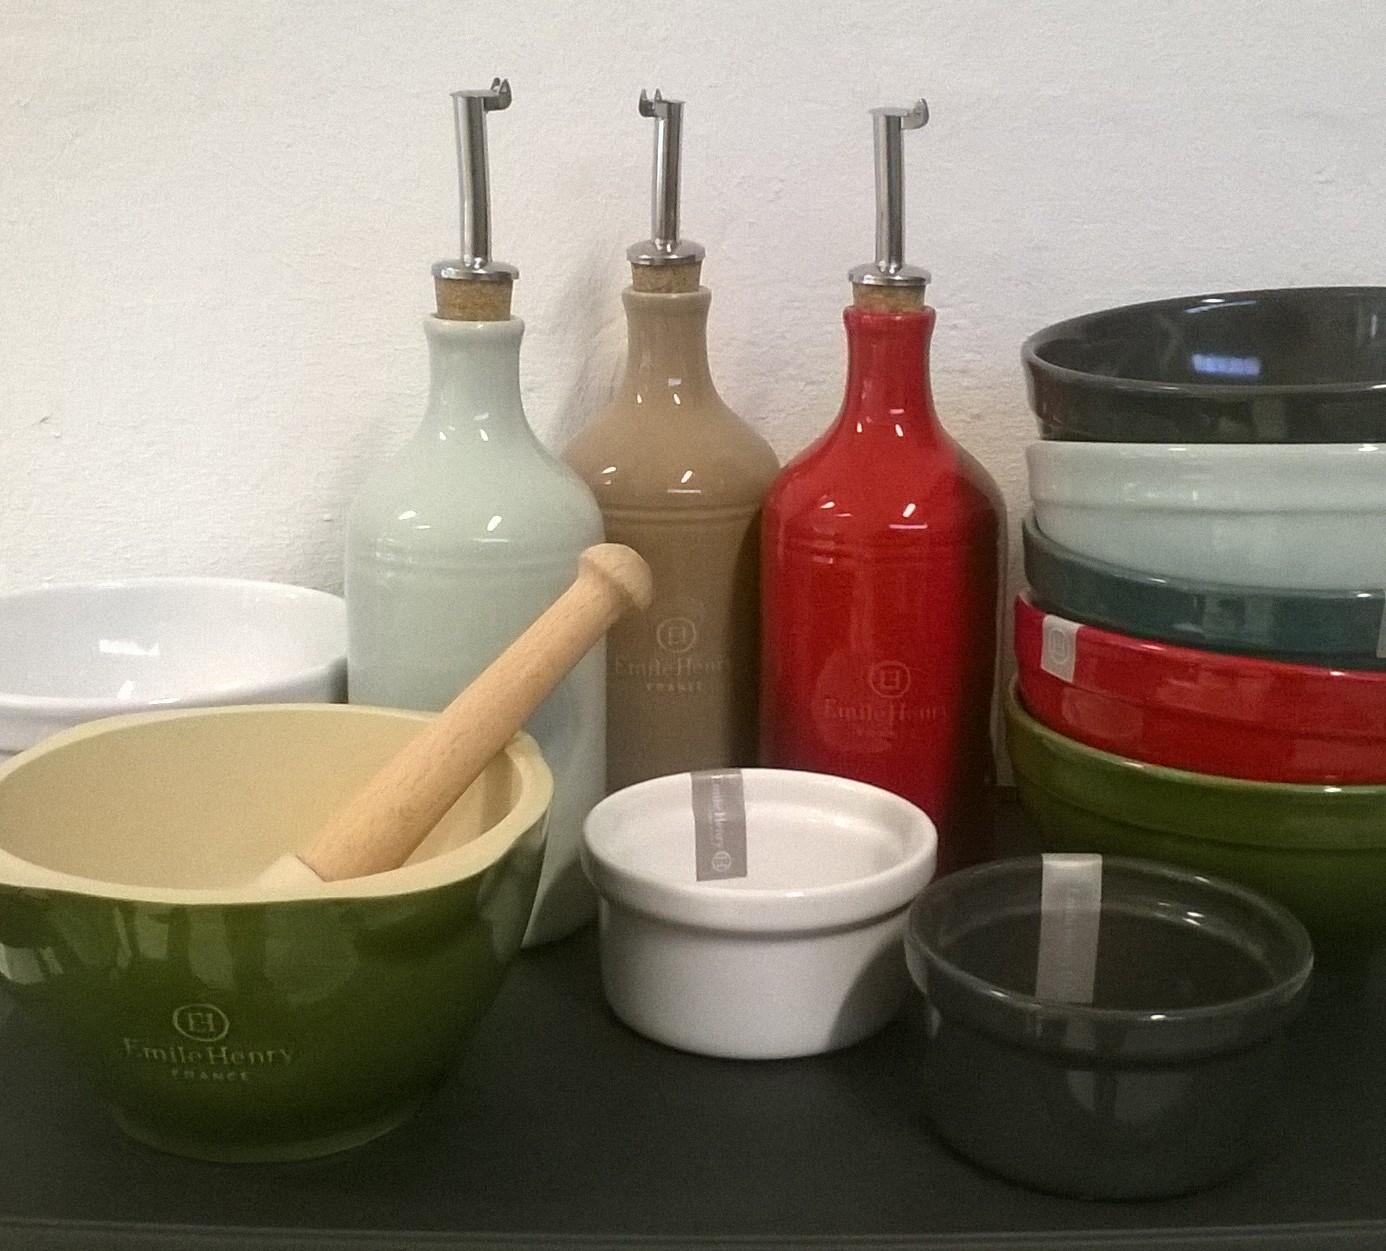 Mit Produkten von Emile Henry ist das ganze Jahr Pottbäckermarkt